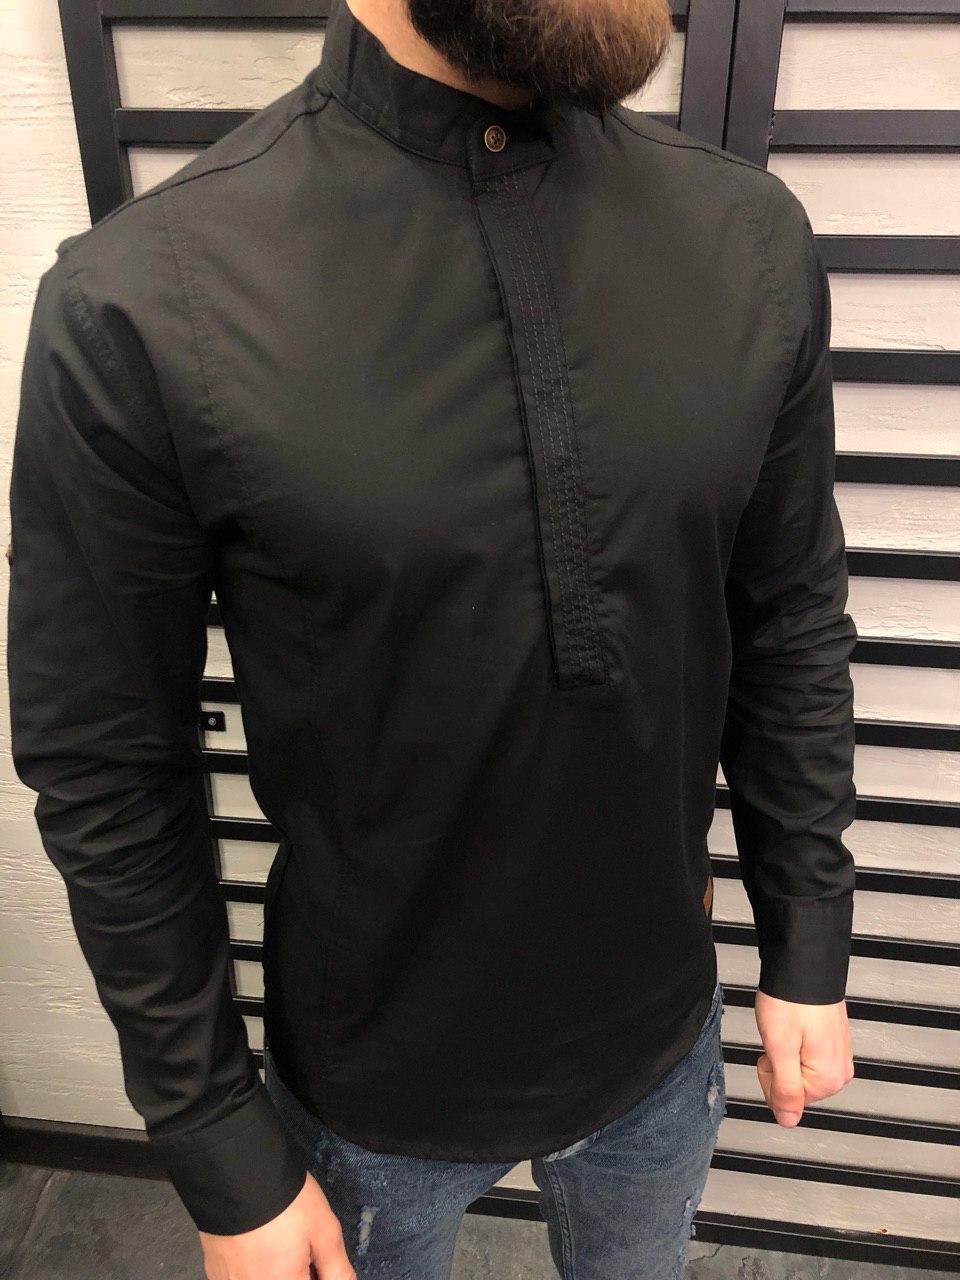 9e24df980d4 Мужская Рубашка Из Хлопка Без Пуговиц (черная) — в Категории ...